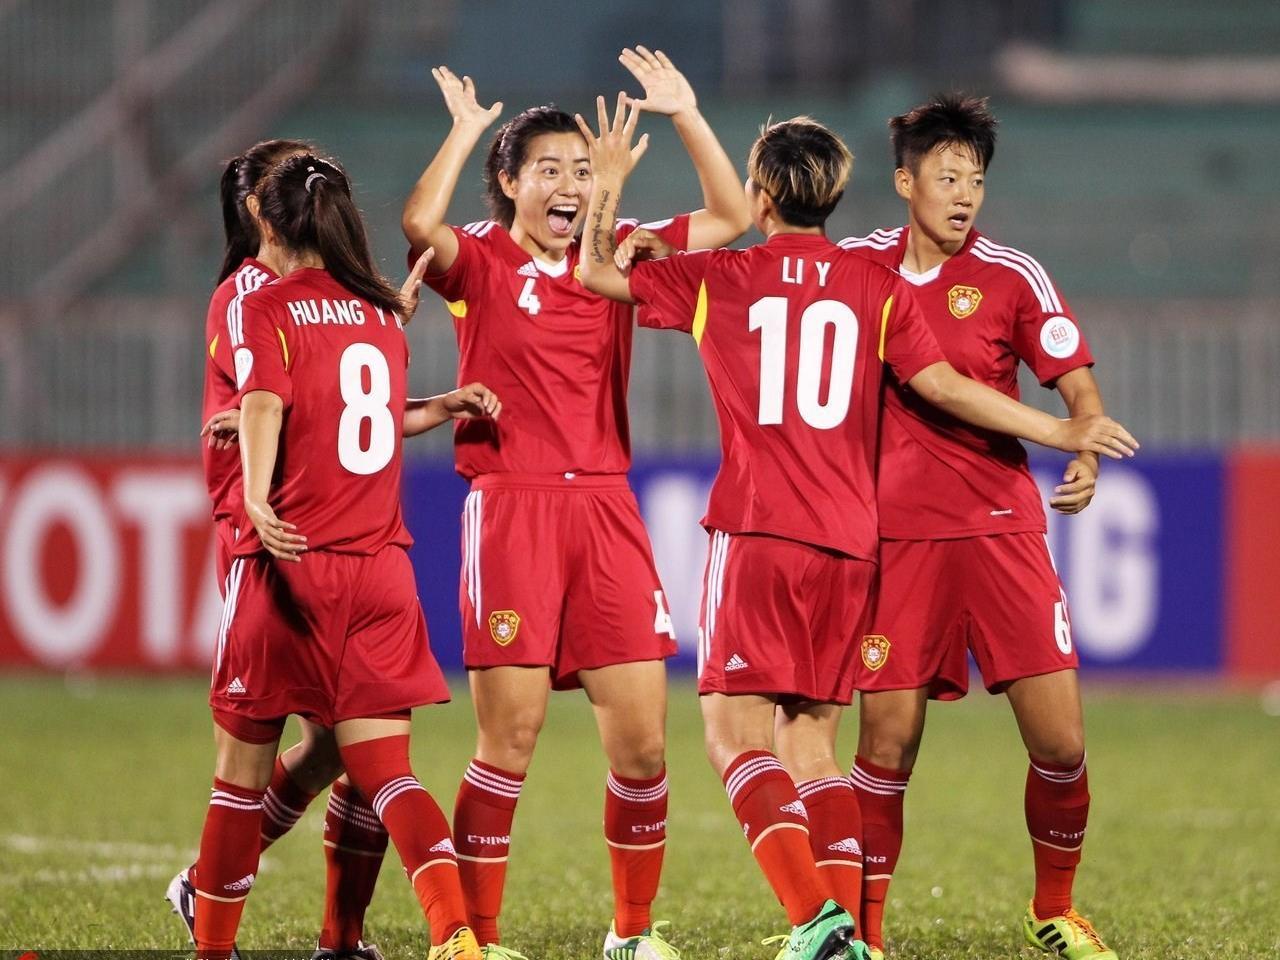 女足友谊赛:中国女足vs泰国女足视频直播地址